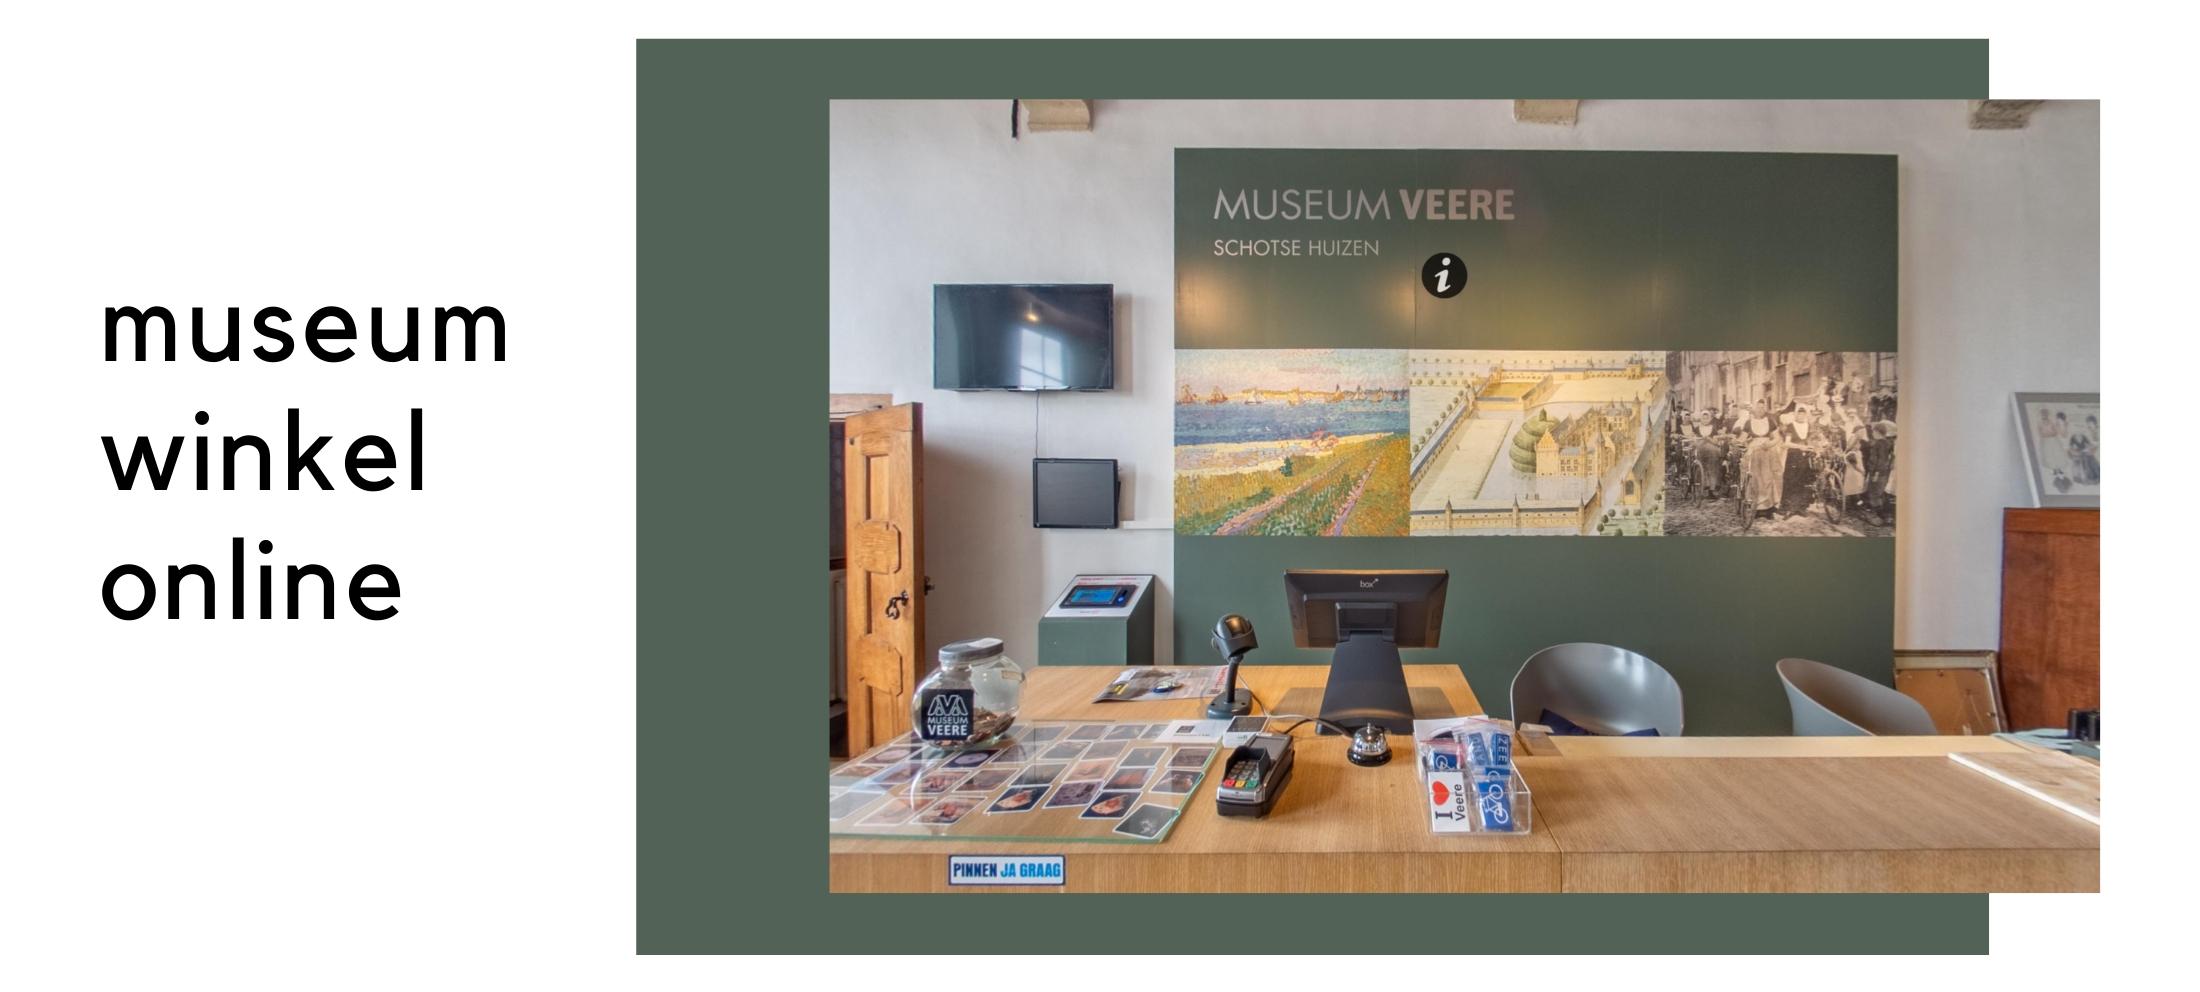 museumwinkel online